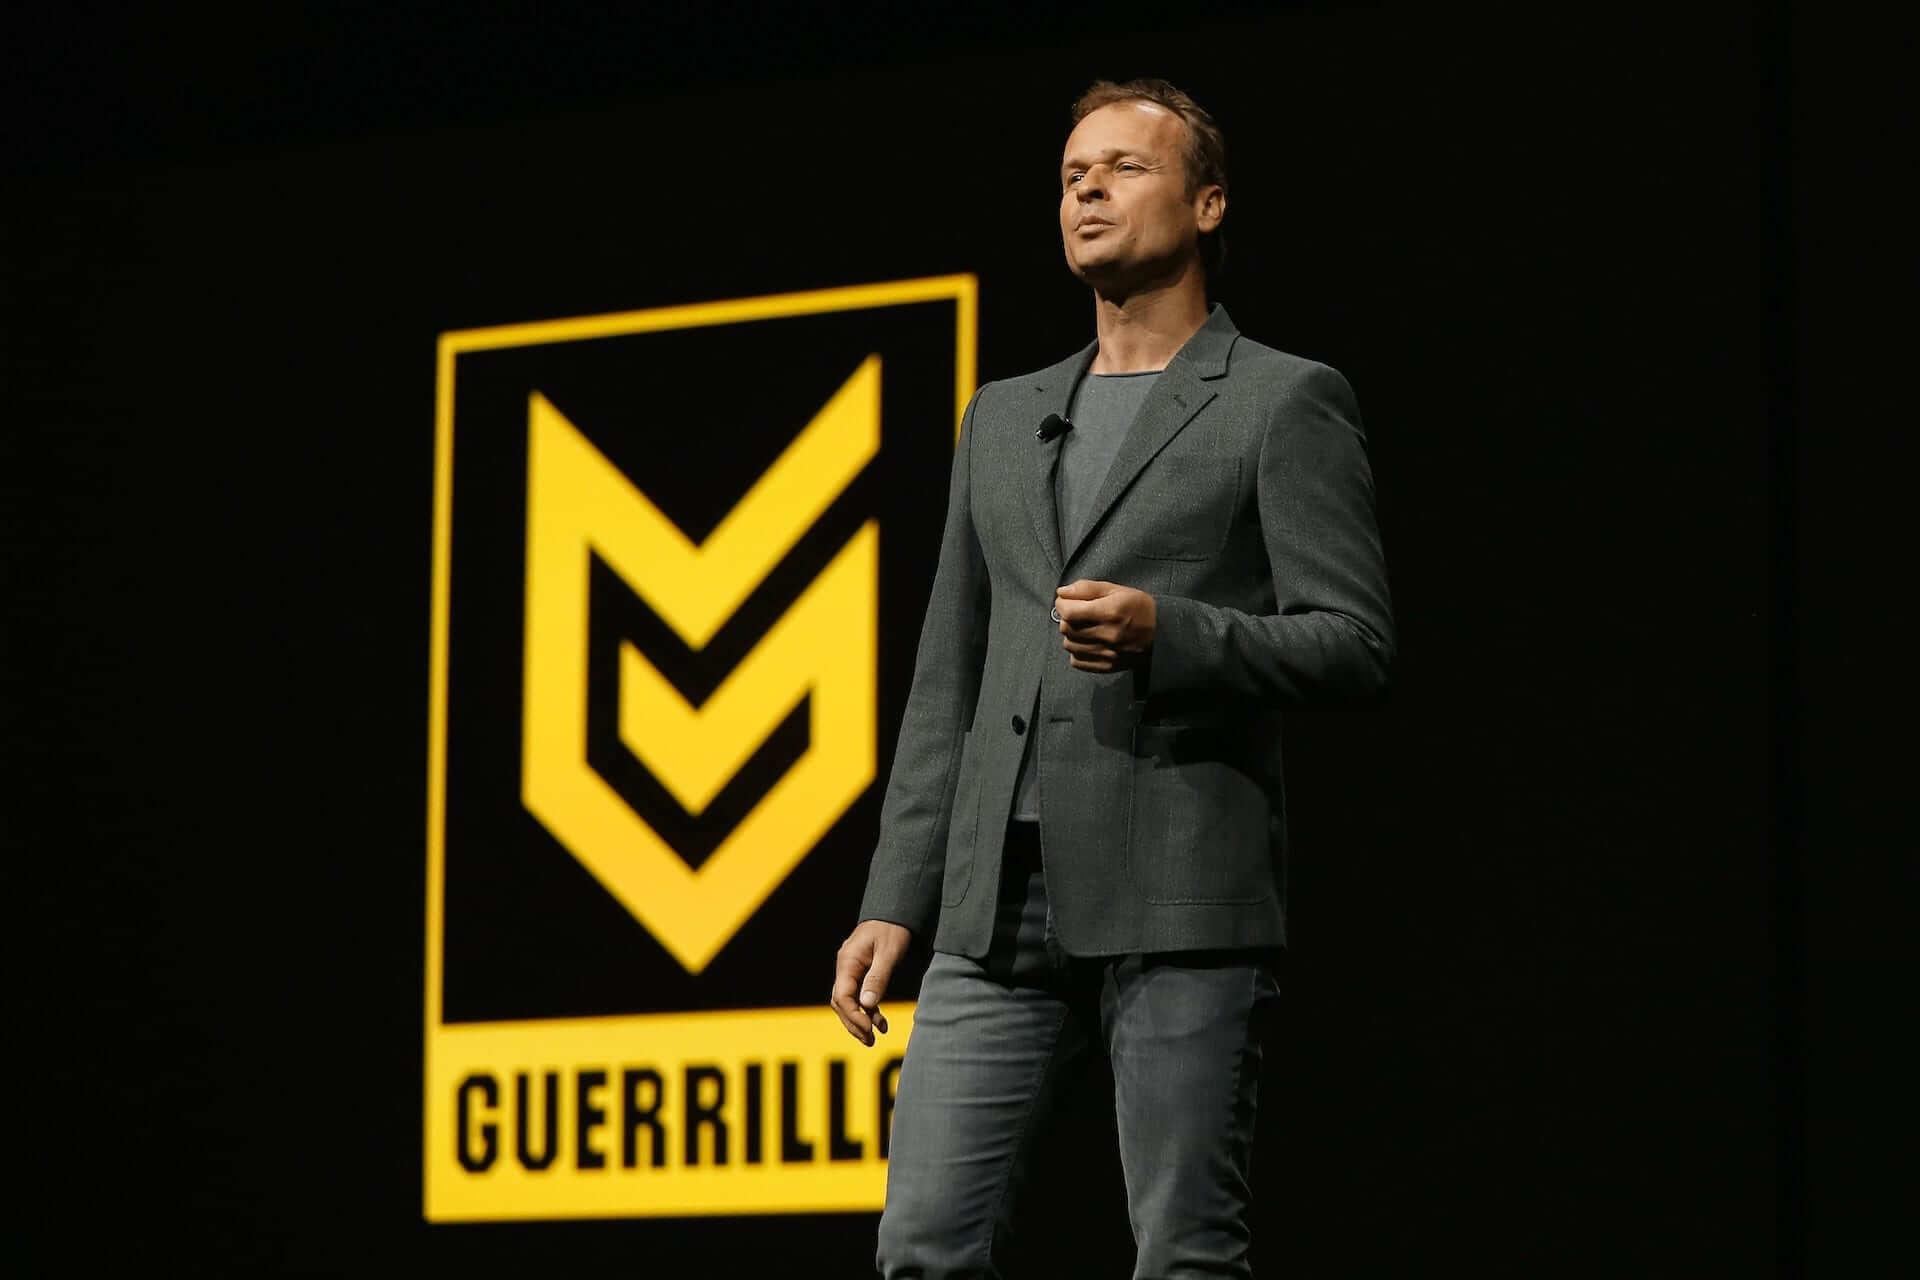 Herman Hulst Guerrilla Games